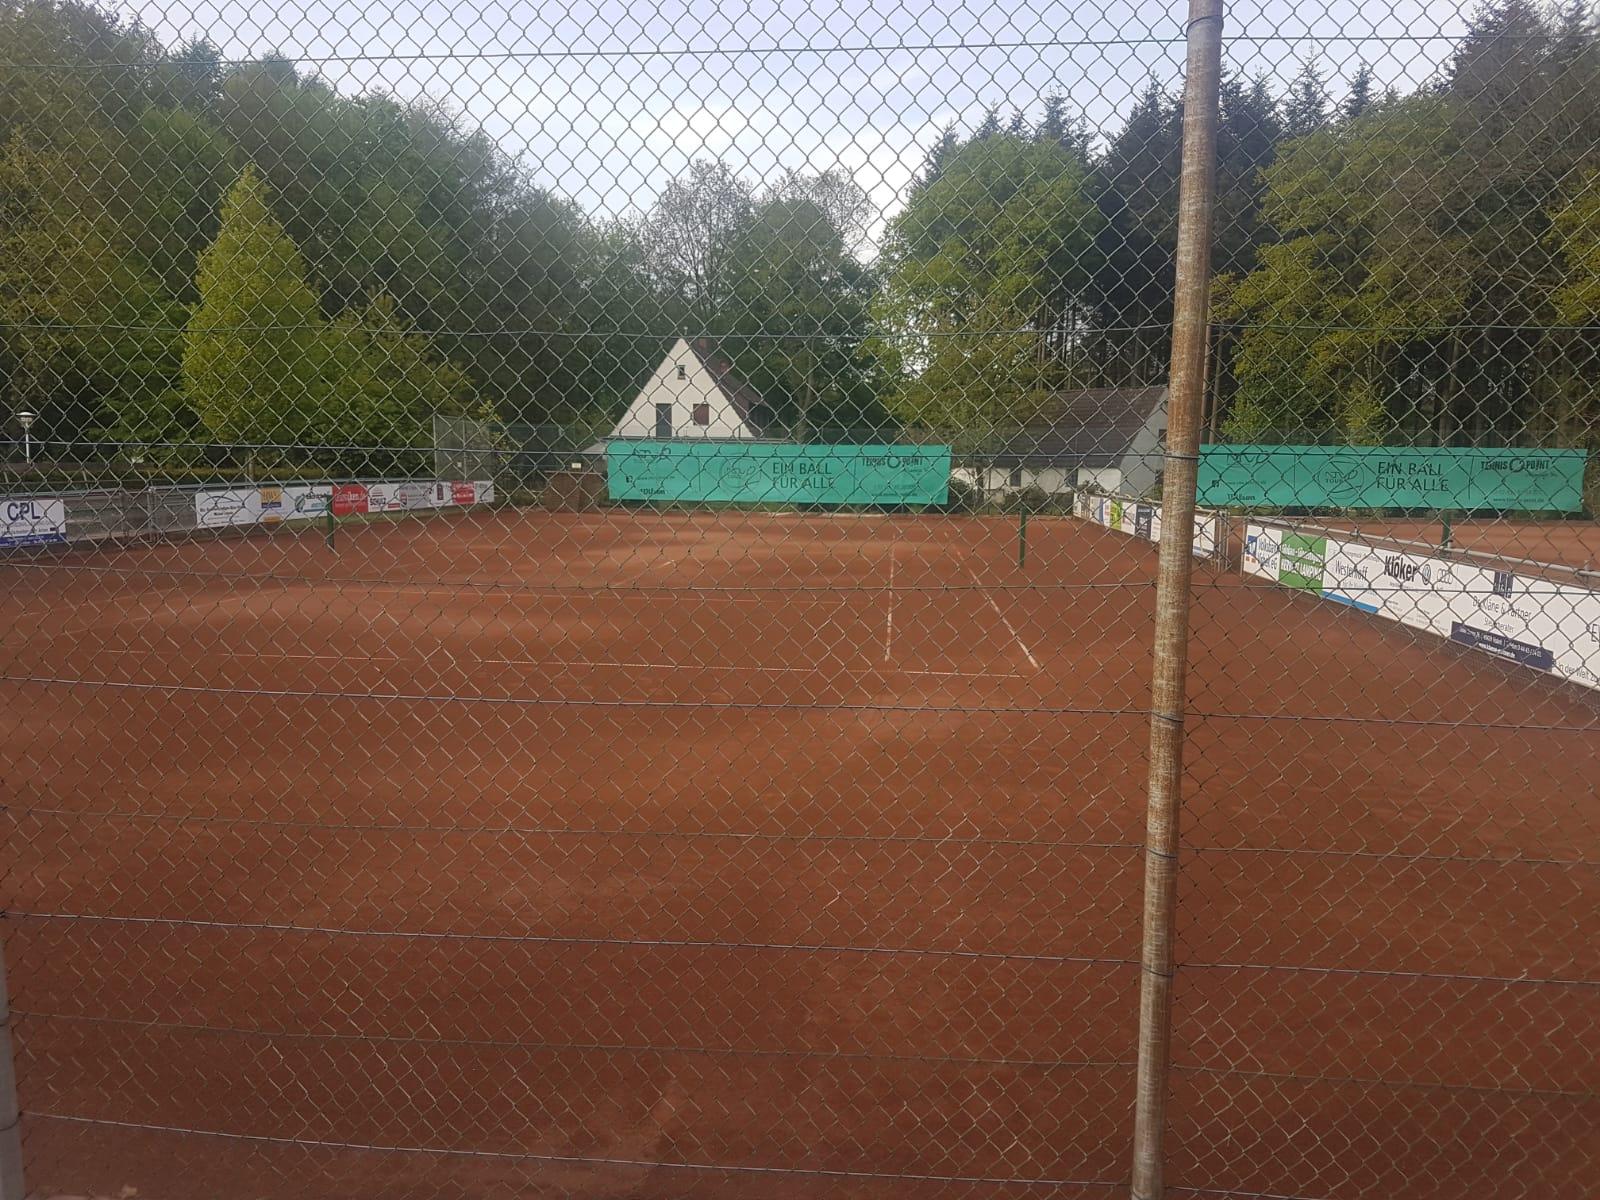 ein Hoffnungsschimmer am Tennis-Horizont